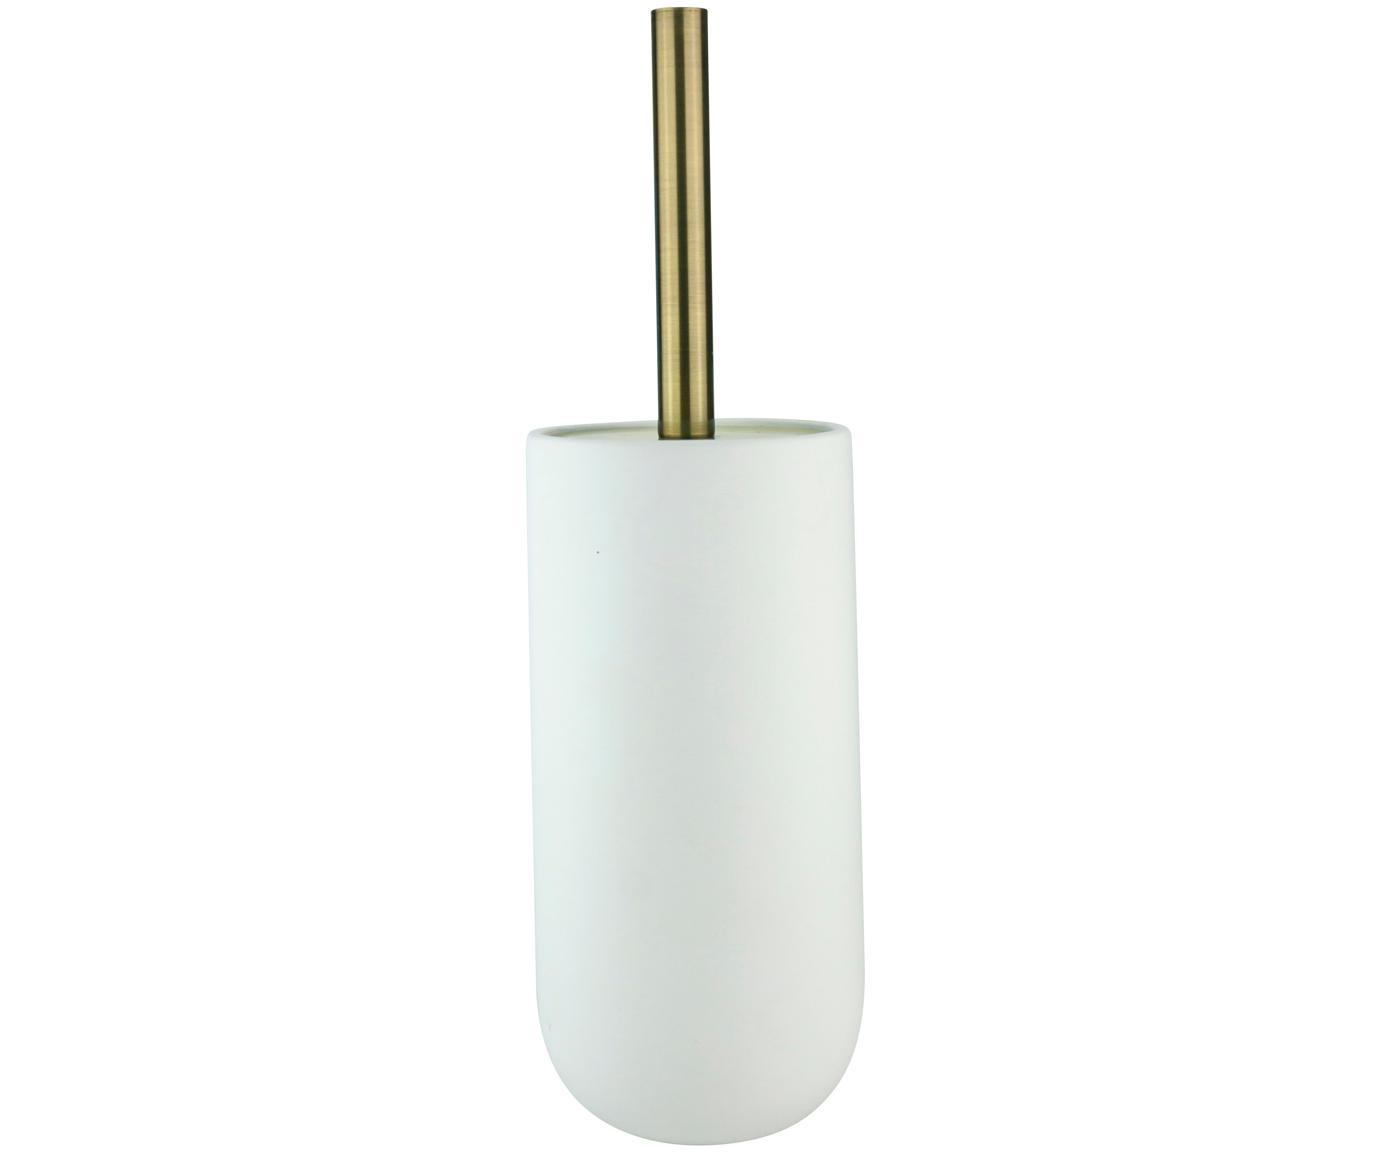 Scopino Lotus, Contenitore: ceramica, Maniglia: metallo, rivestito, Bianco, ottone, nero, Ø 10 x A 21 cm